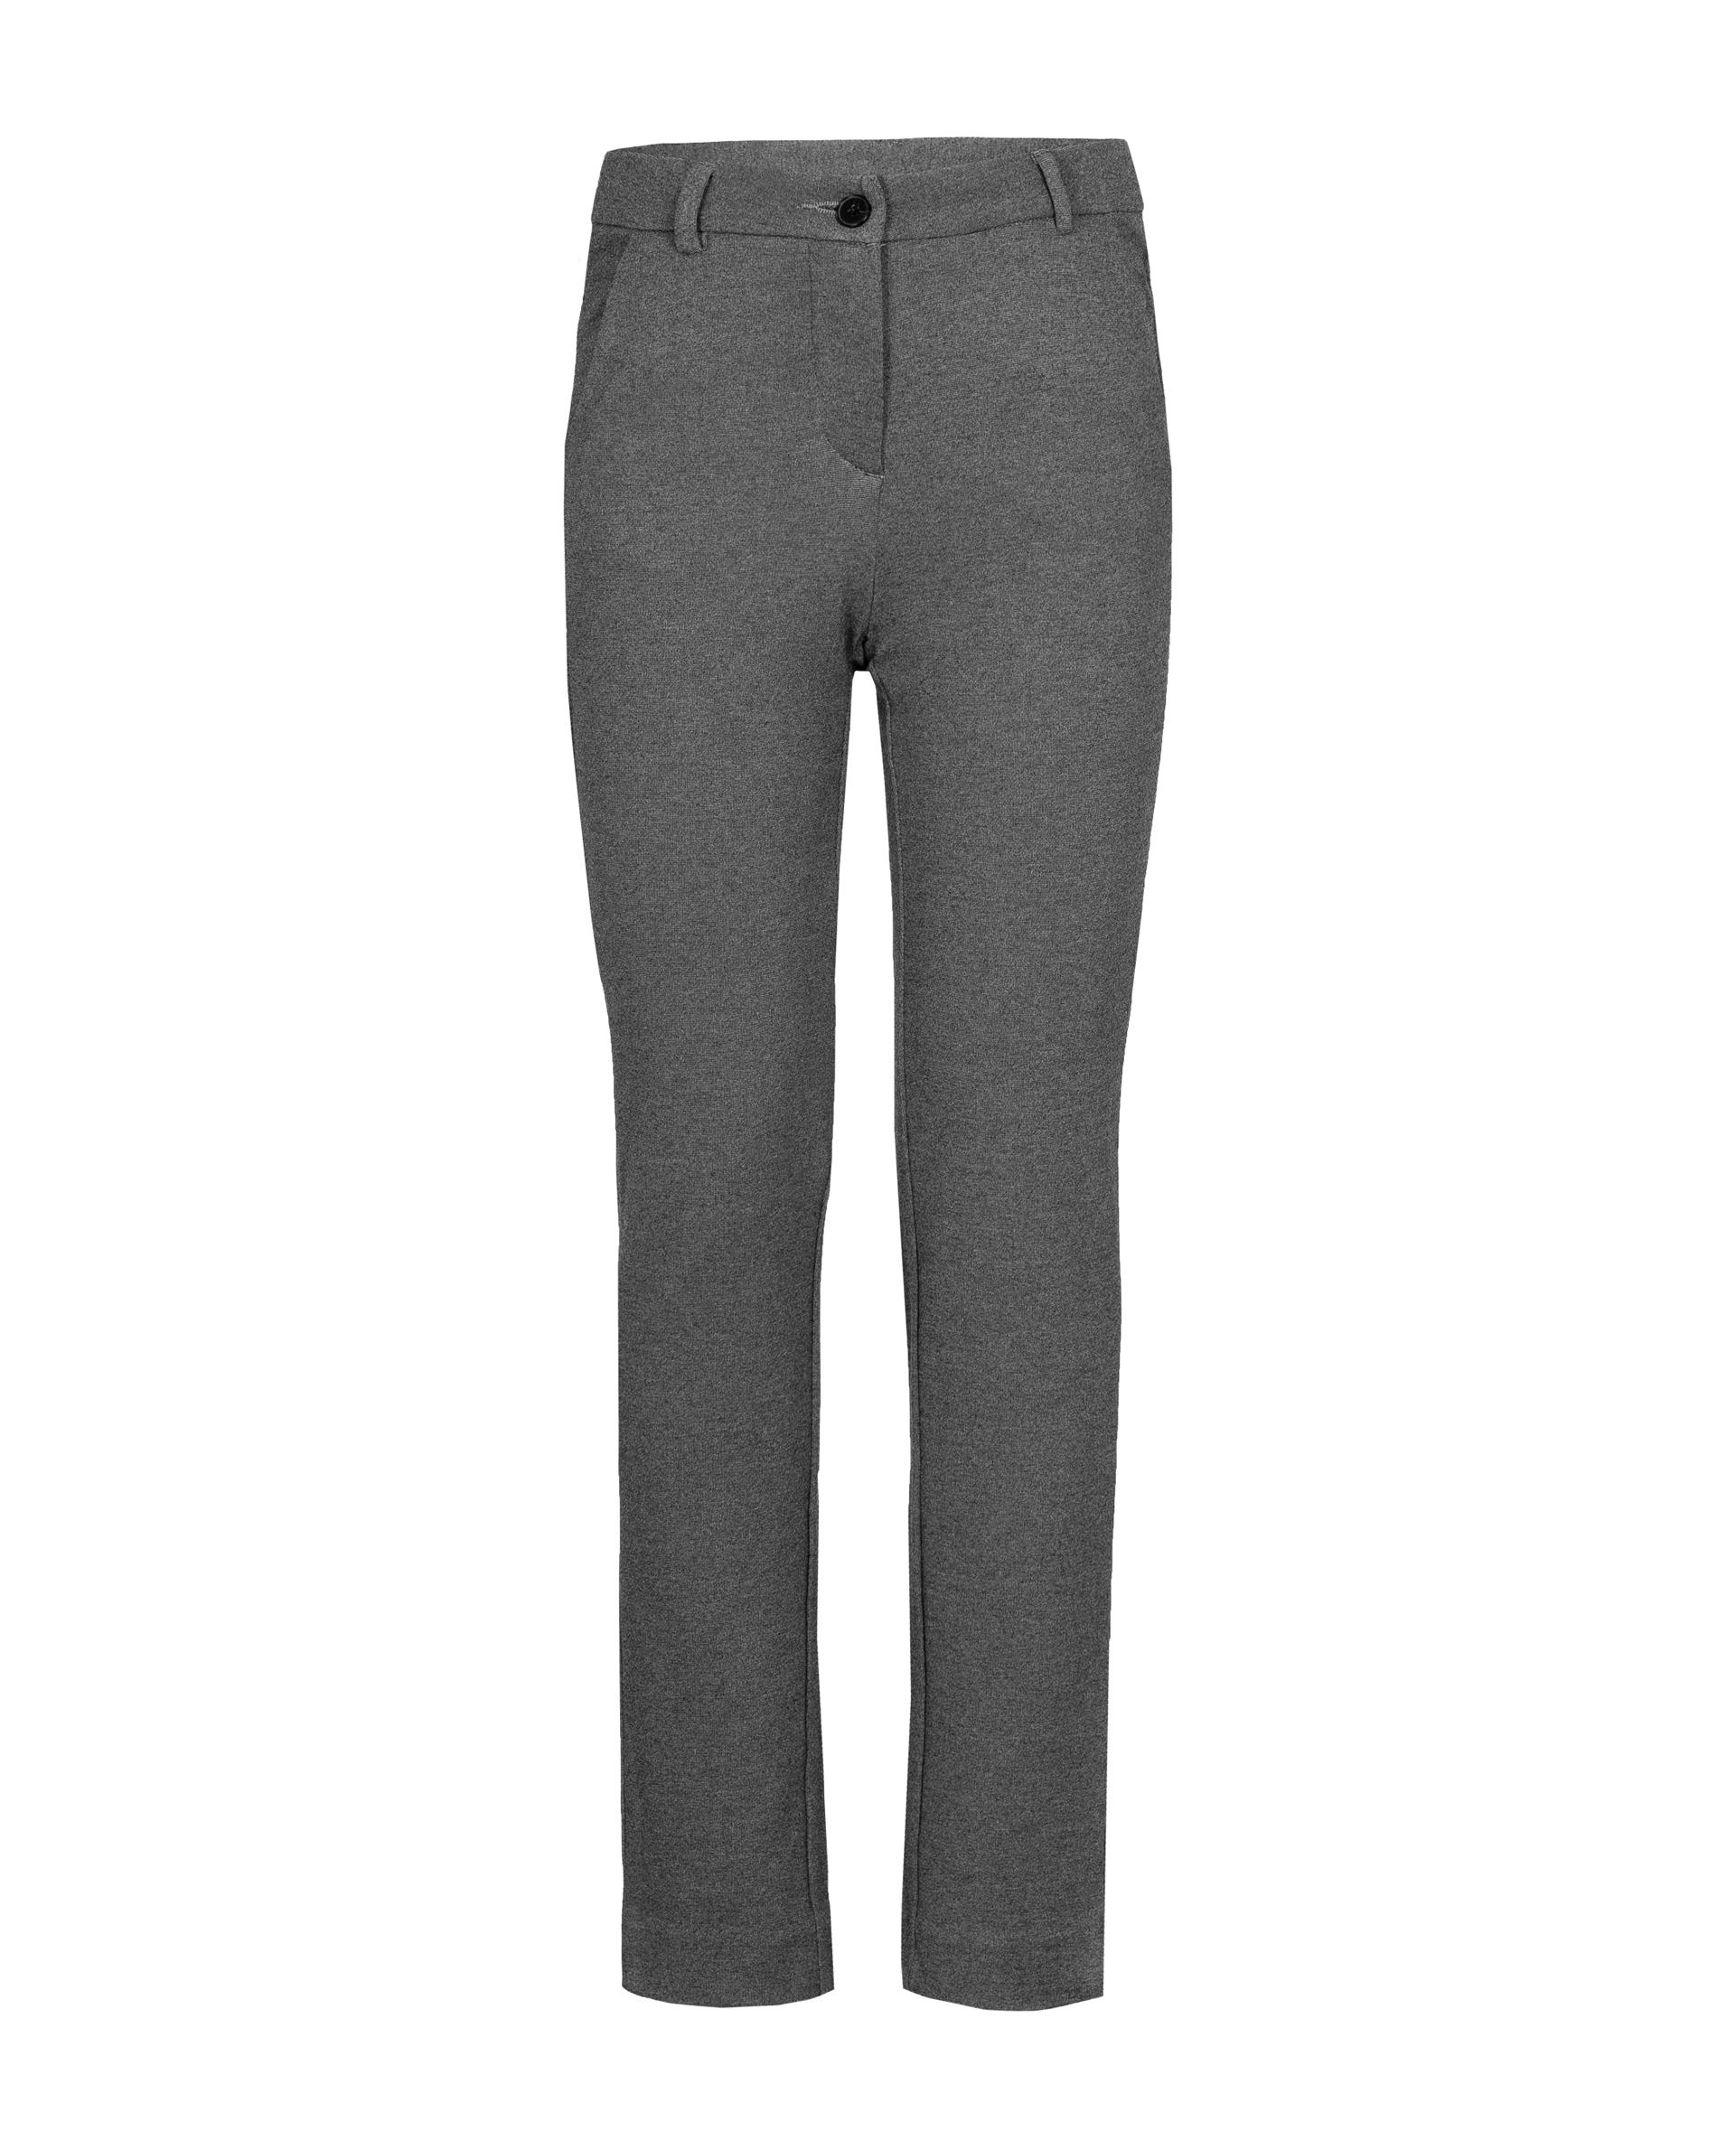 Купить 219GSGC5606, Серые брюки Gulliver, серый, 170, Женский, ШКОЛЬНАЯ ФОРМА 2019-2020 (shop: GulliverMarket Gulliver Market)